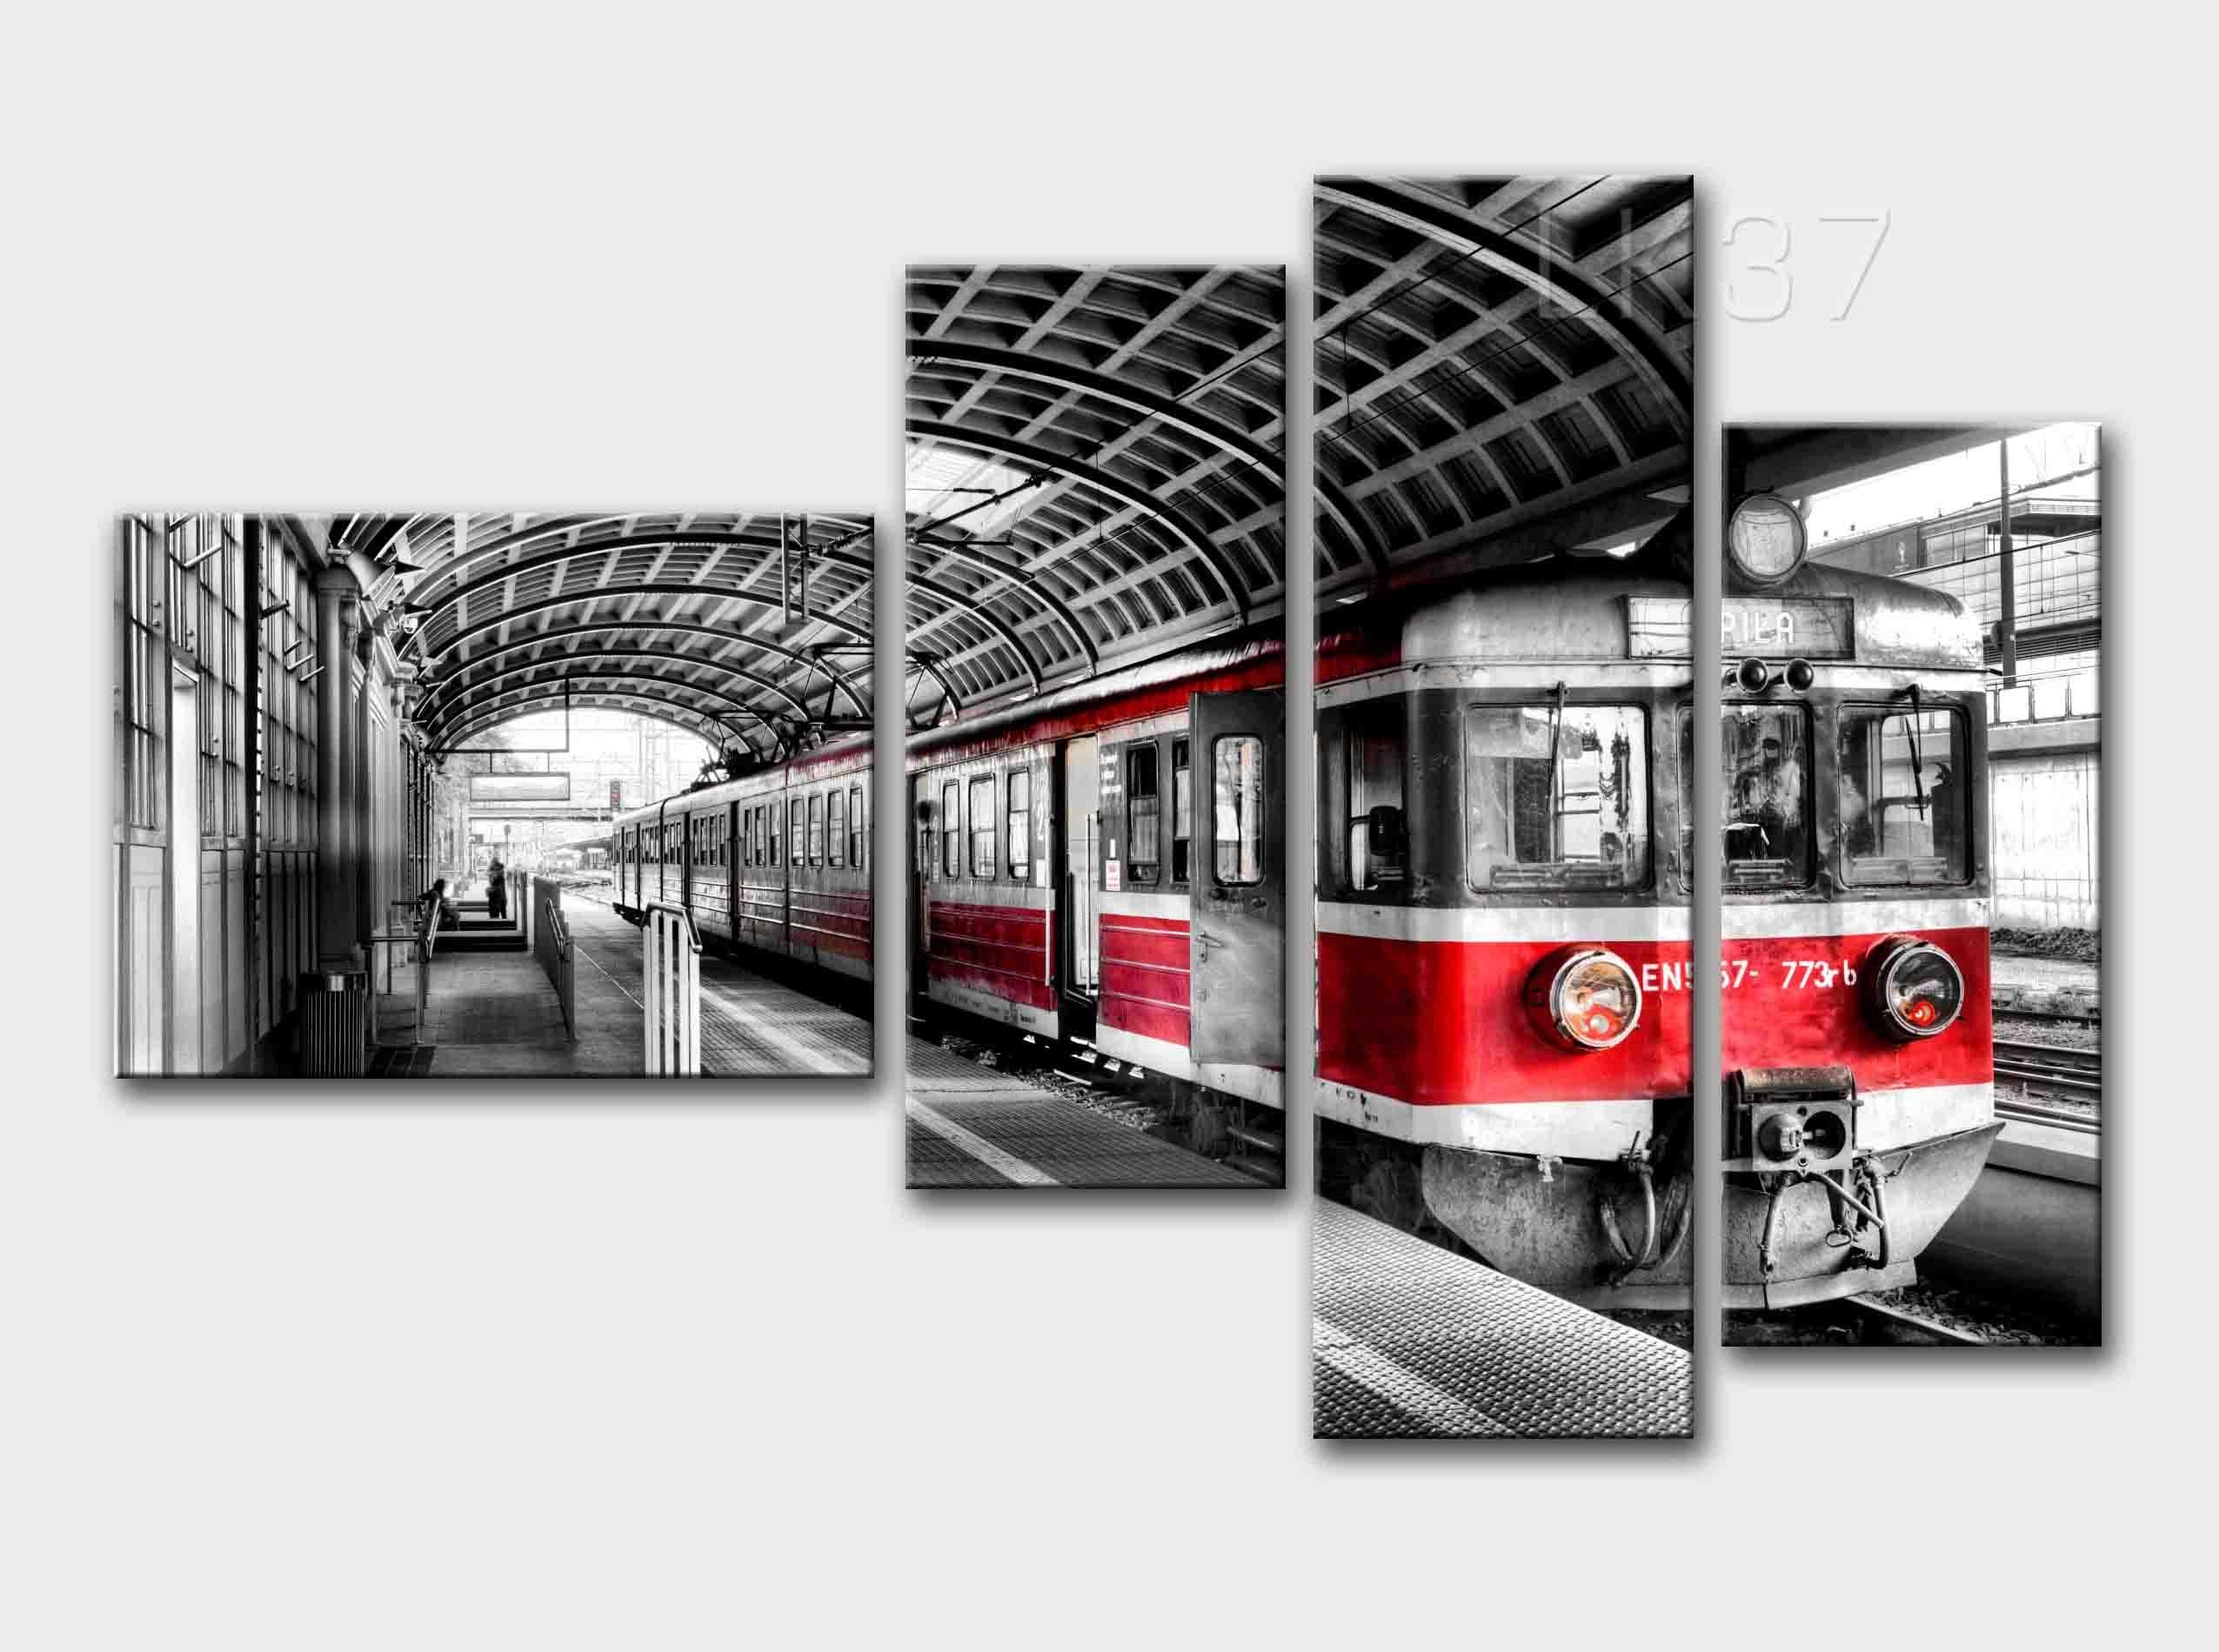 модульная картина поезд